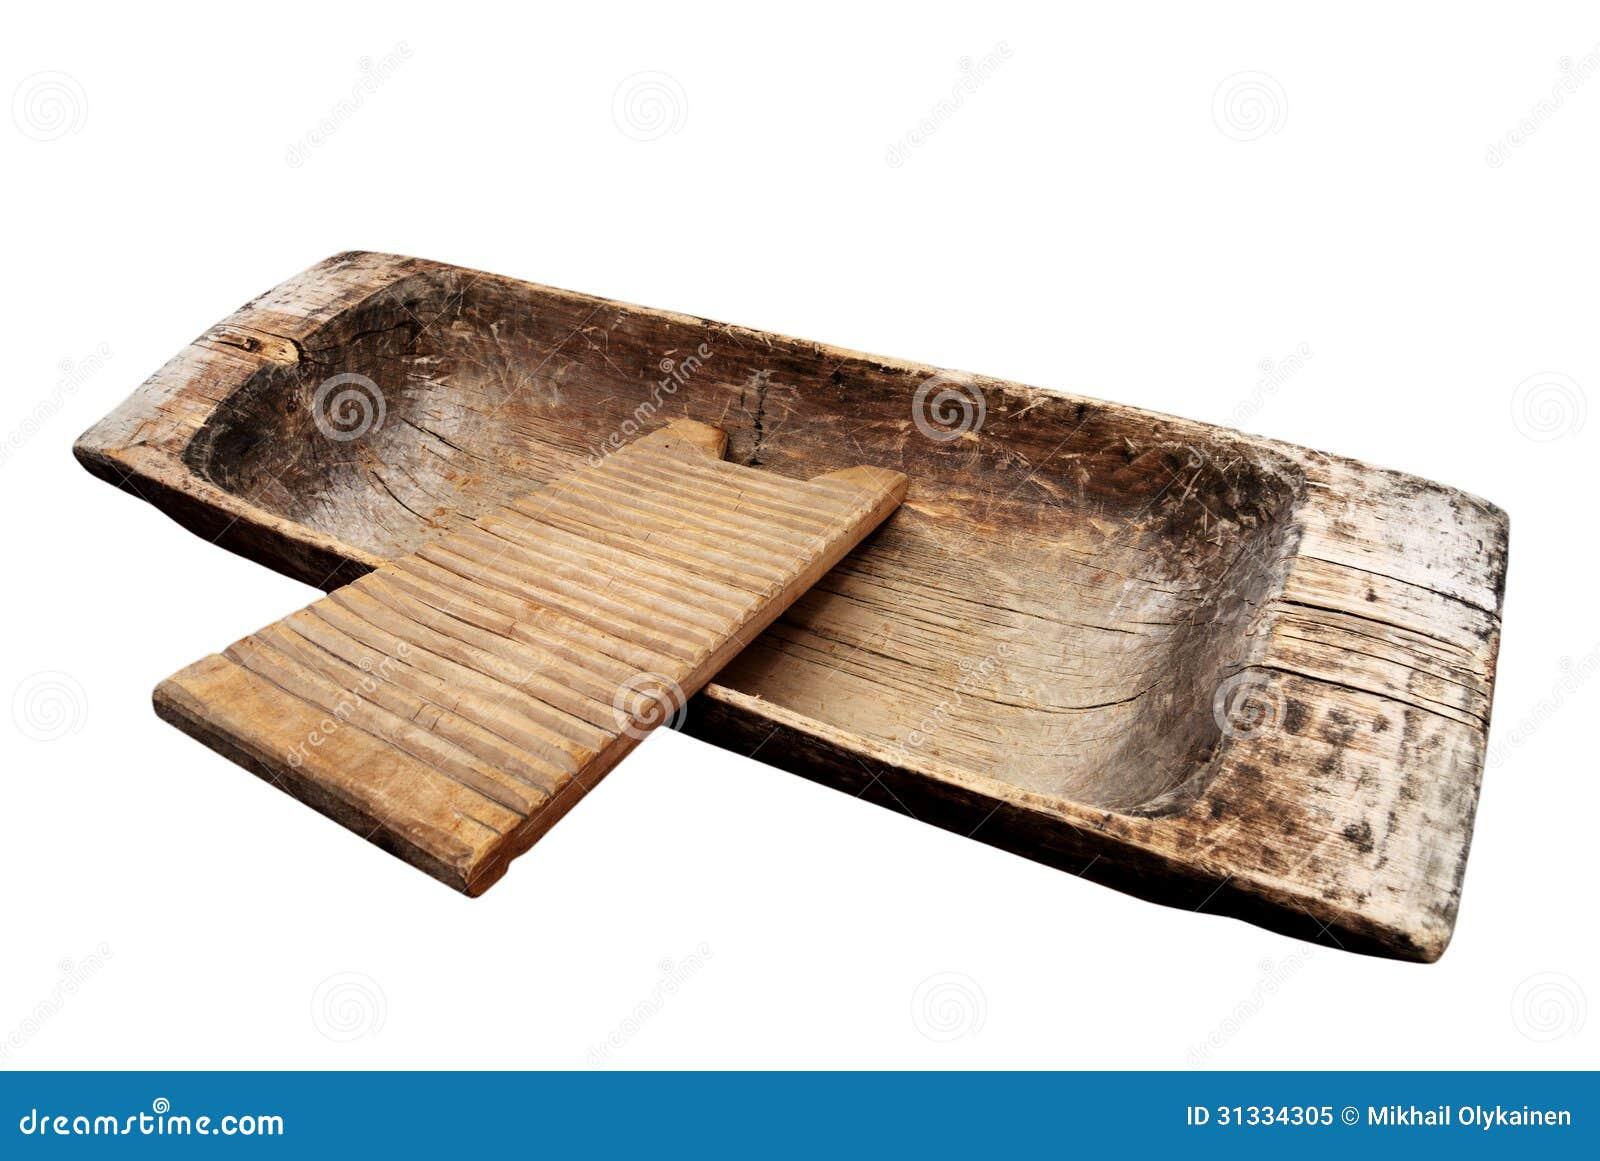 Canal y lavadero de madera viejos en un blanco foto de for Lavadero metalico